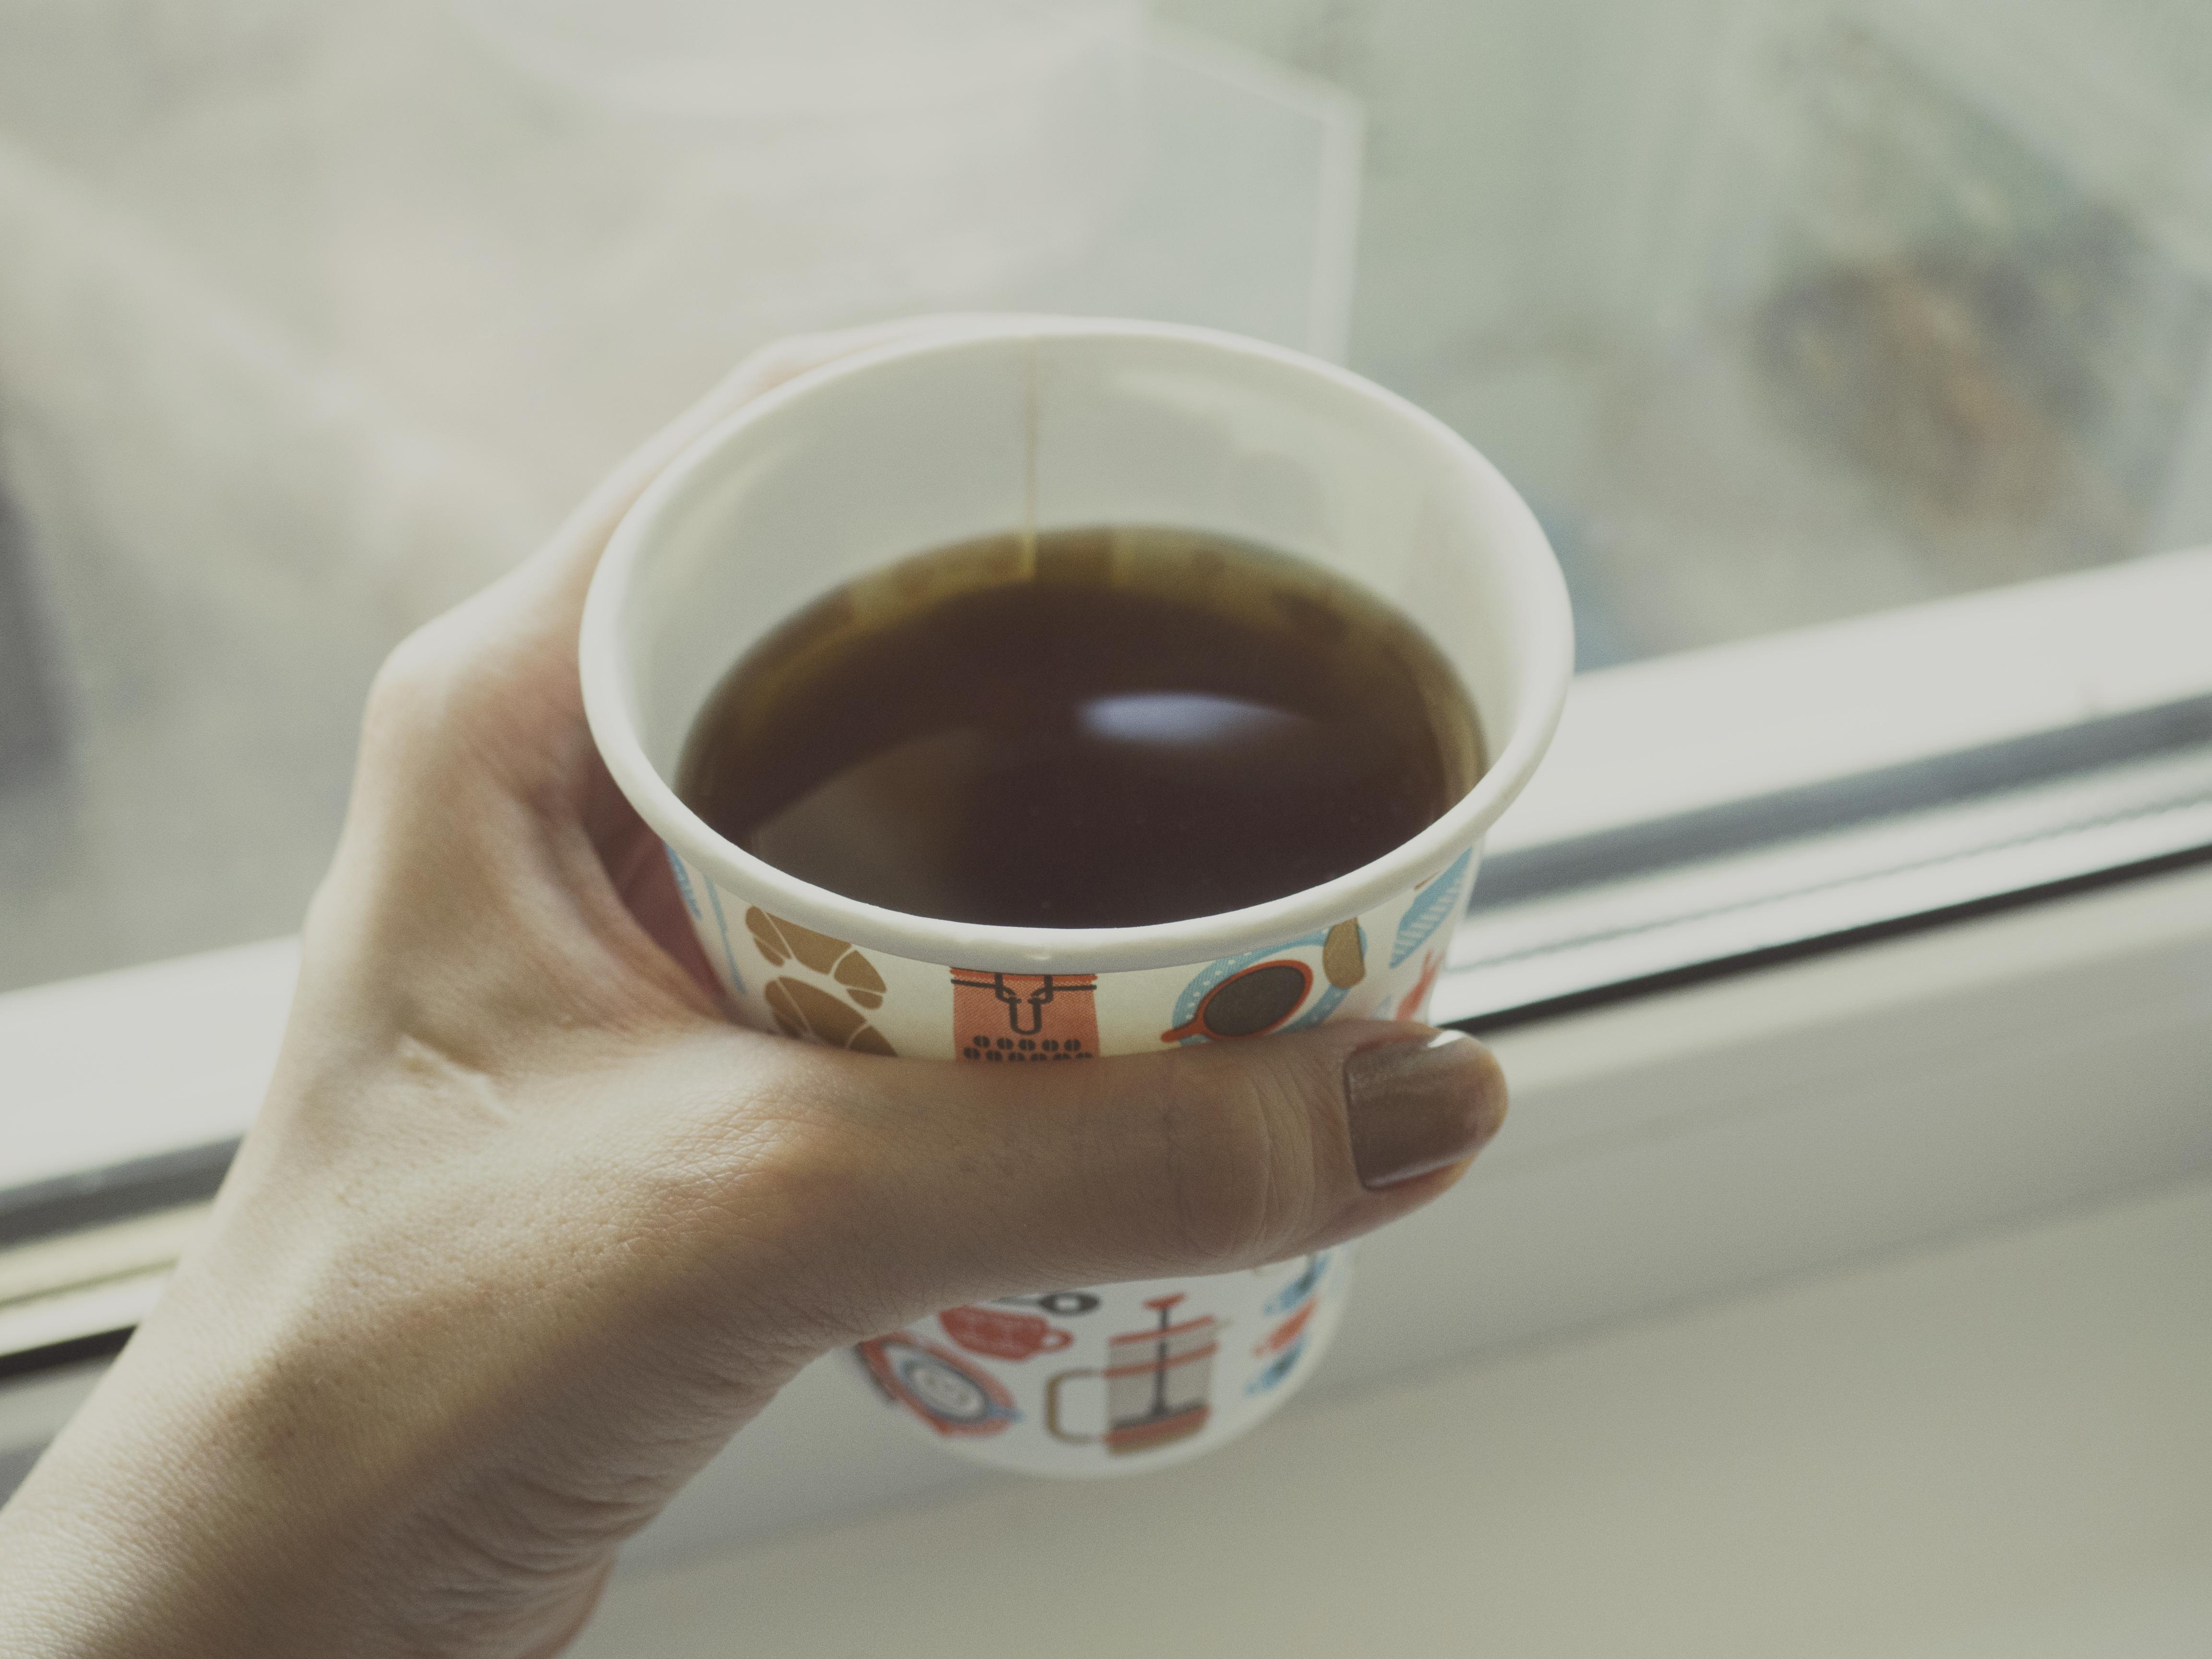 фото с чашкой чая в руках здесь